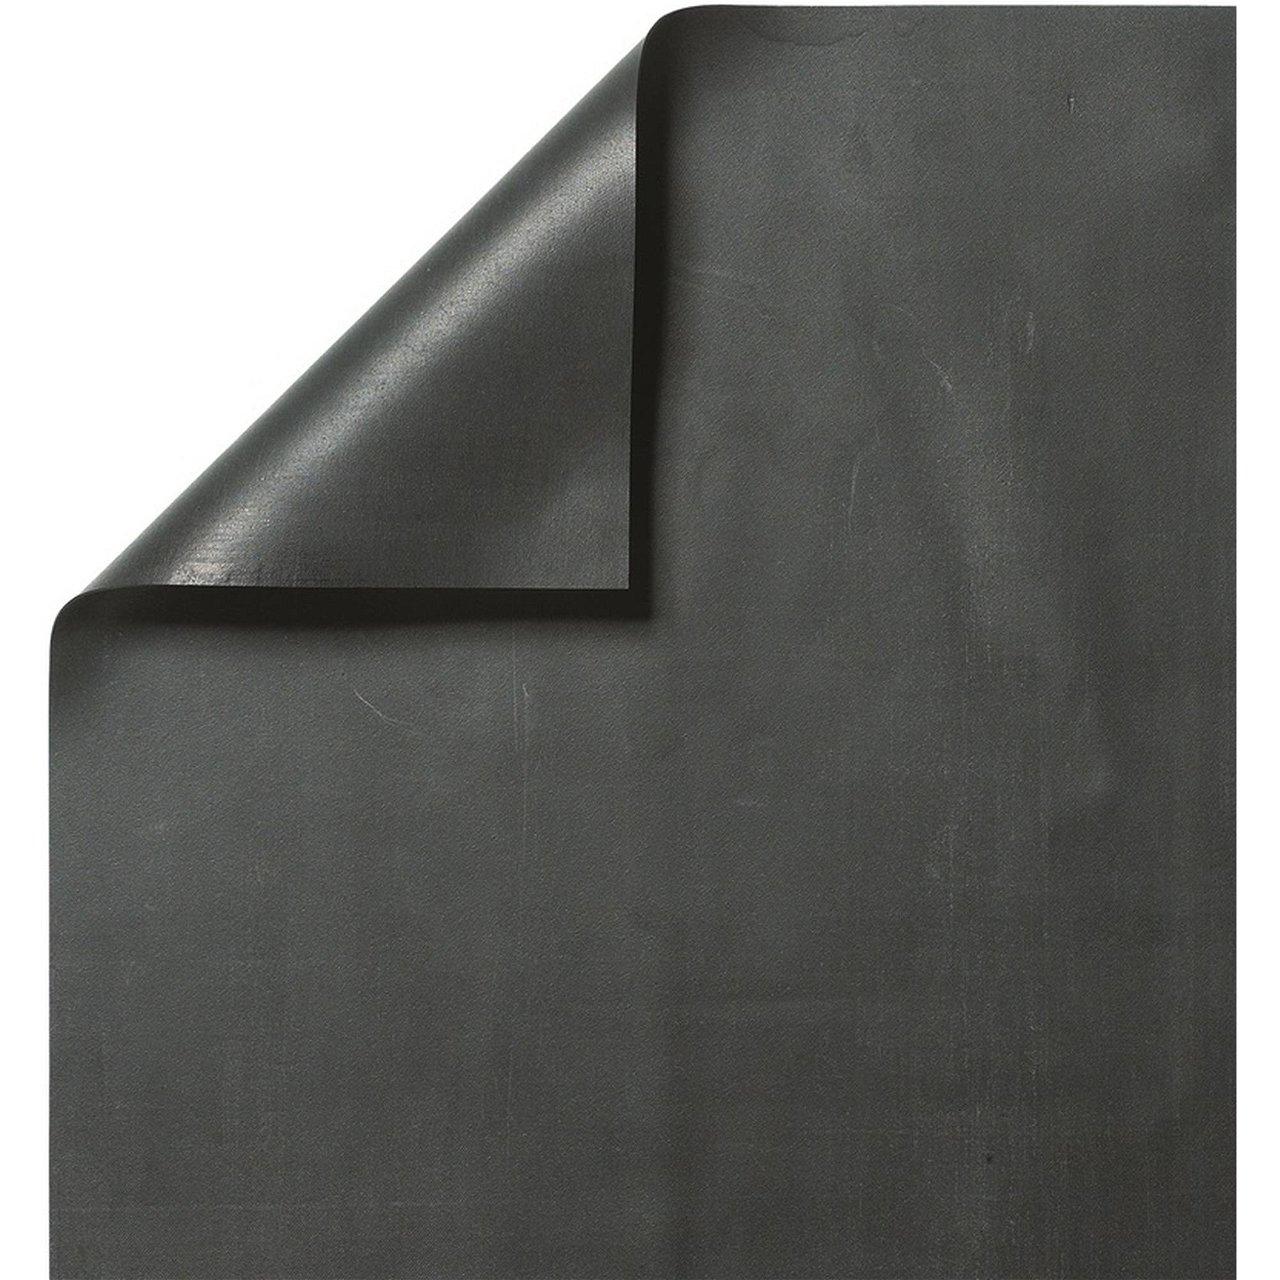 EPDM Teichfolie, schwarz, 1.0mm, 6x5m=30qm